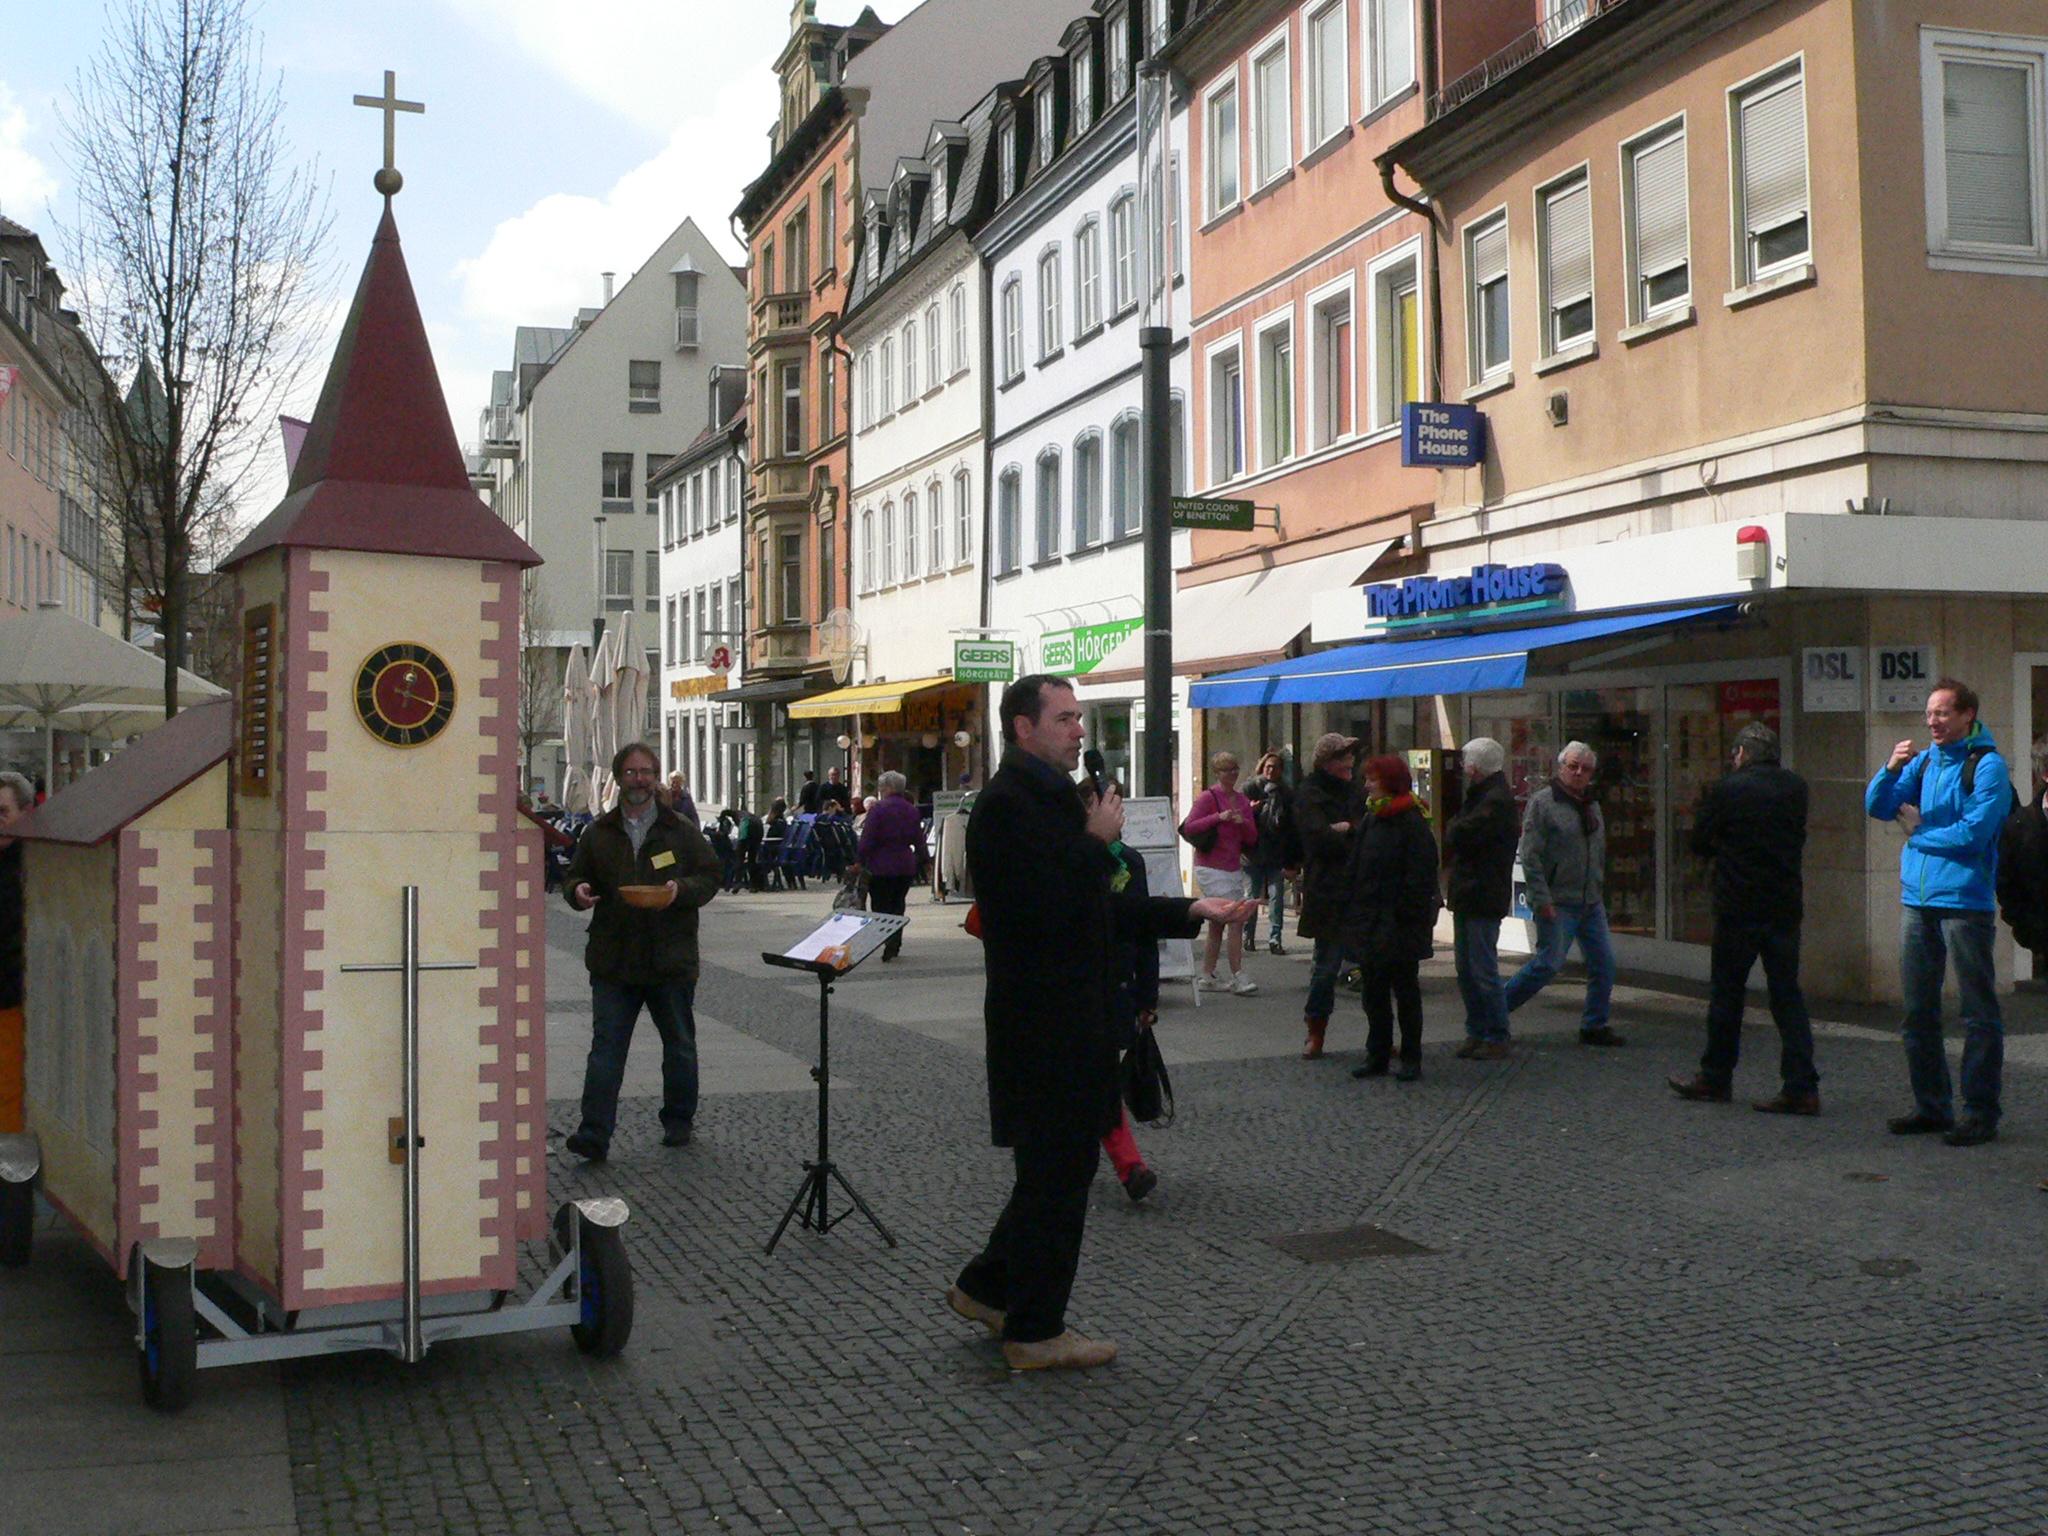 Unterwegs in der Fußgängerzone. Foto: Domradio/Heiko Kuschel.